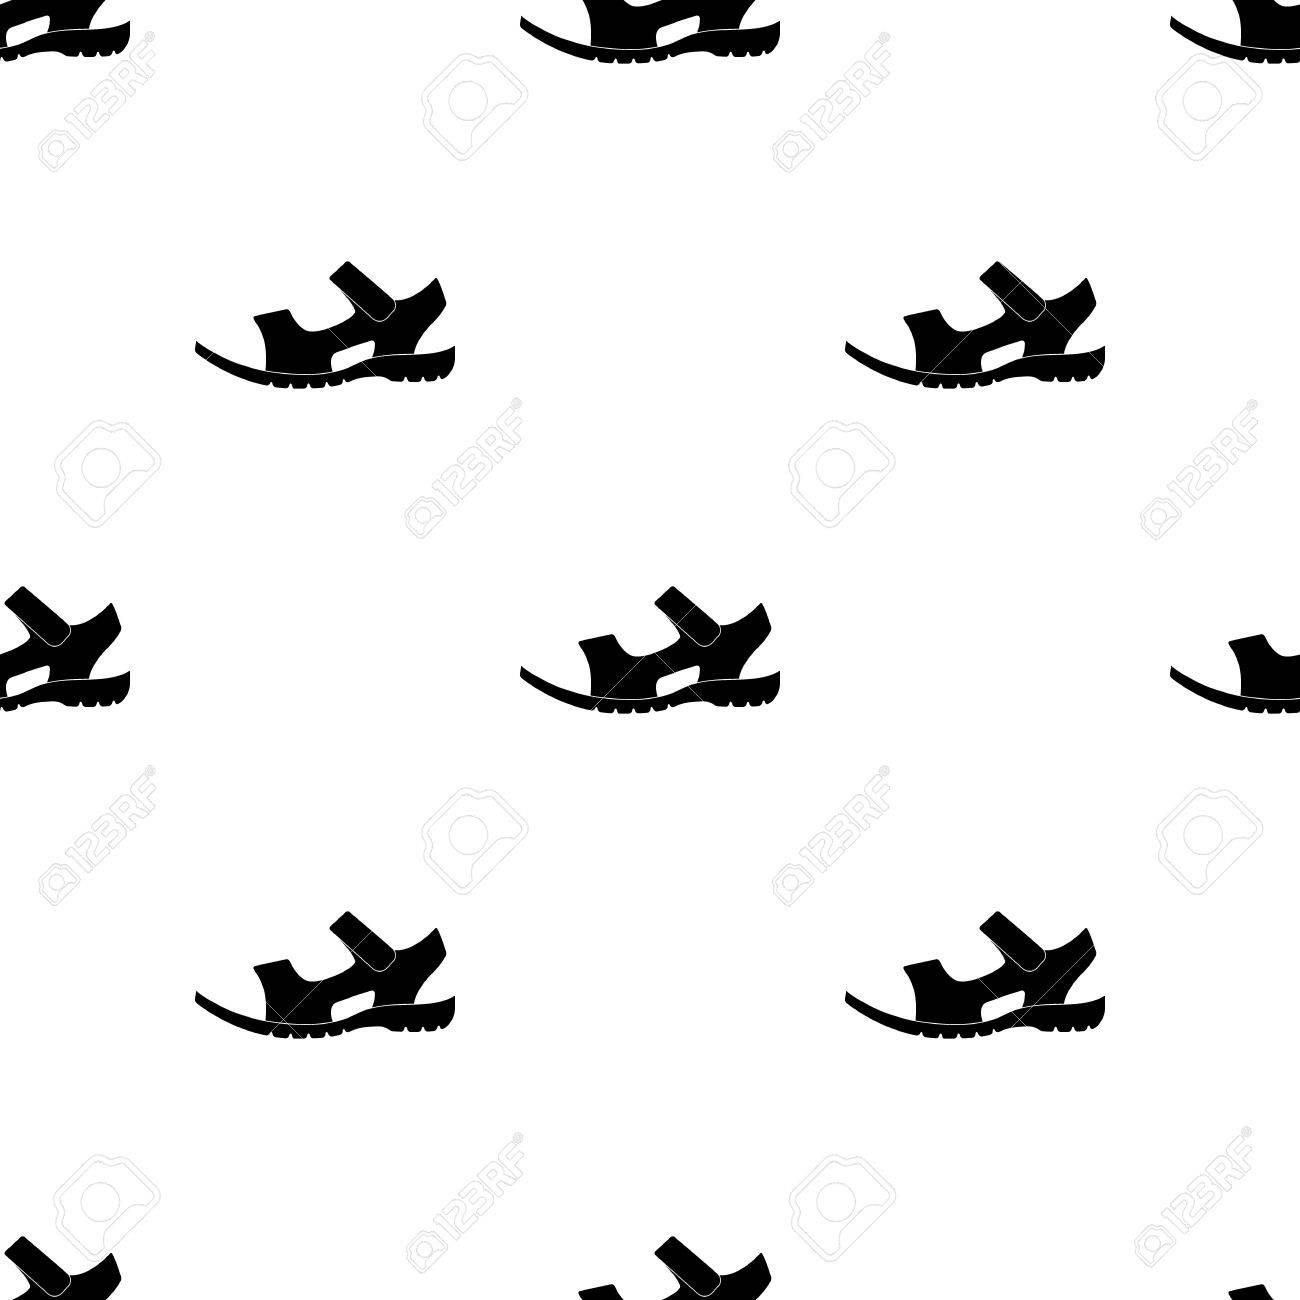 Único Icono Pie Verano Stock Hombres Símbolo Marrón Sandalias Cuero DesnudoDiferentes Negro De Photo Un Patrón Vector En Zapatos eHYW9DIE2